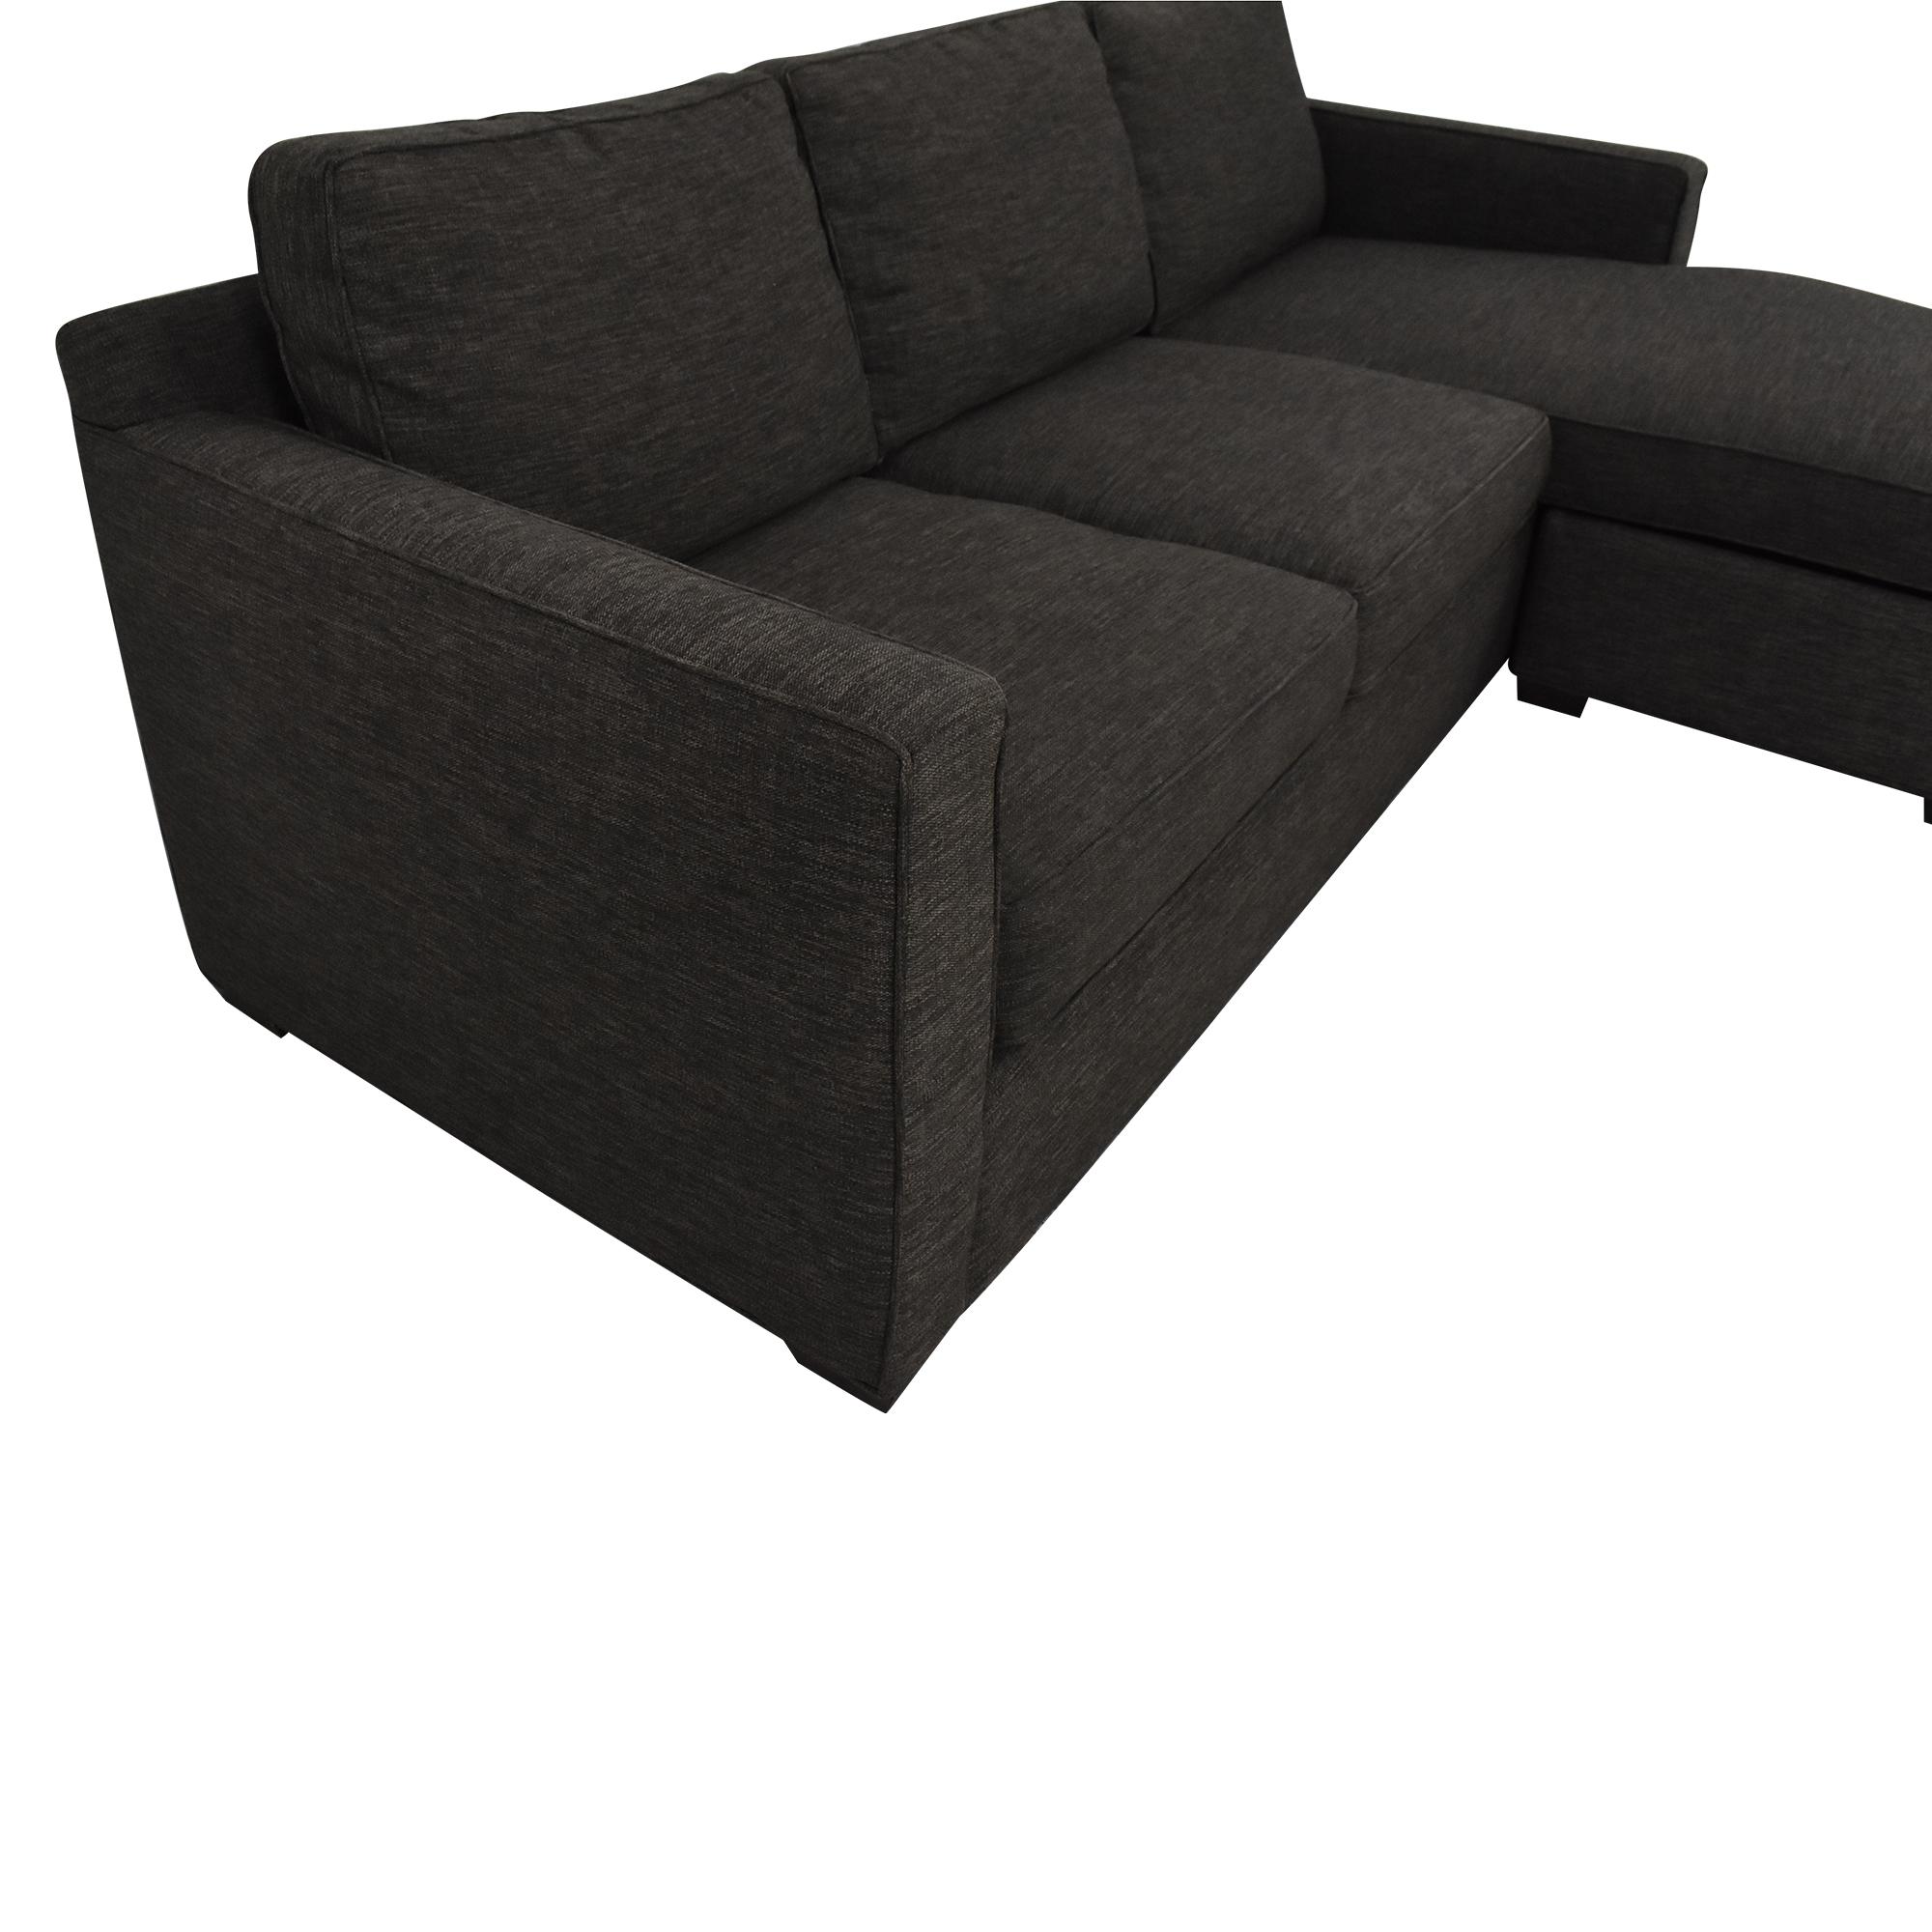 Crate & Barrel Crate & Barrel Davis Sectional Sofa dimensions